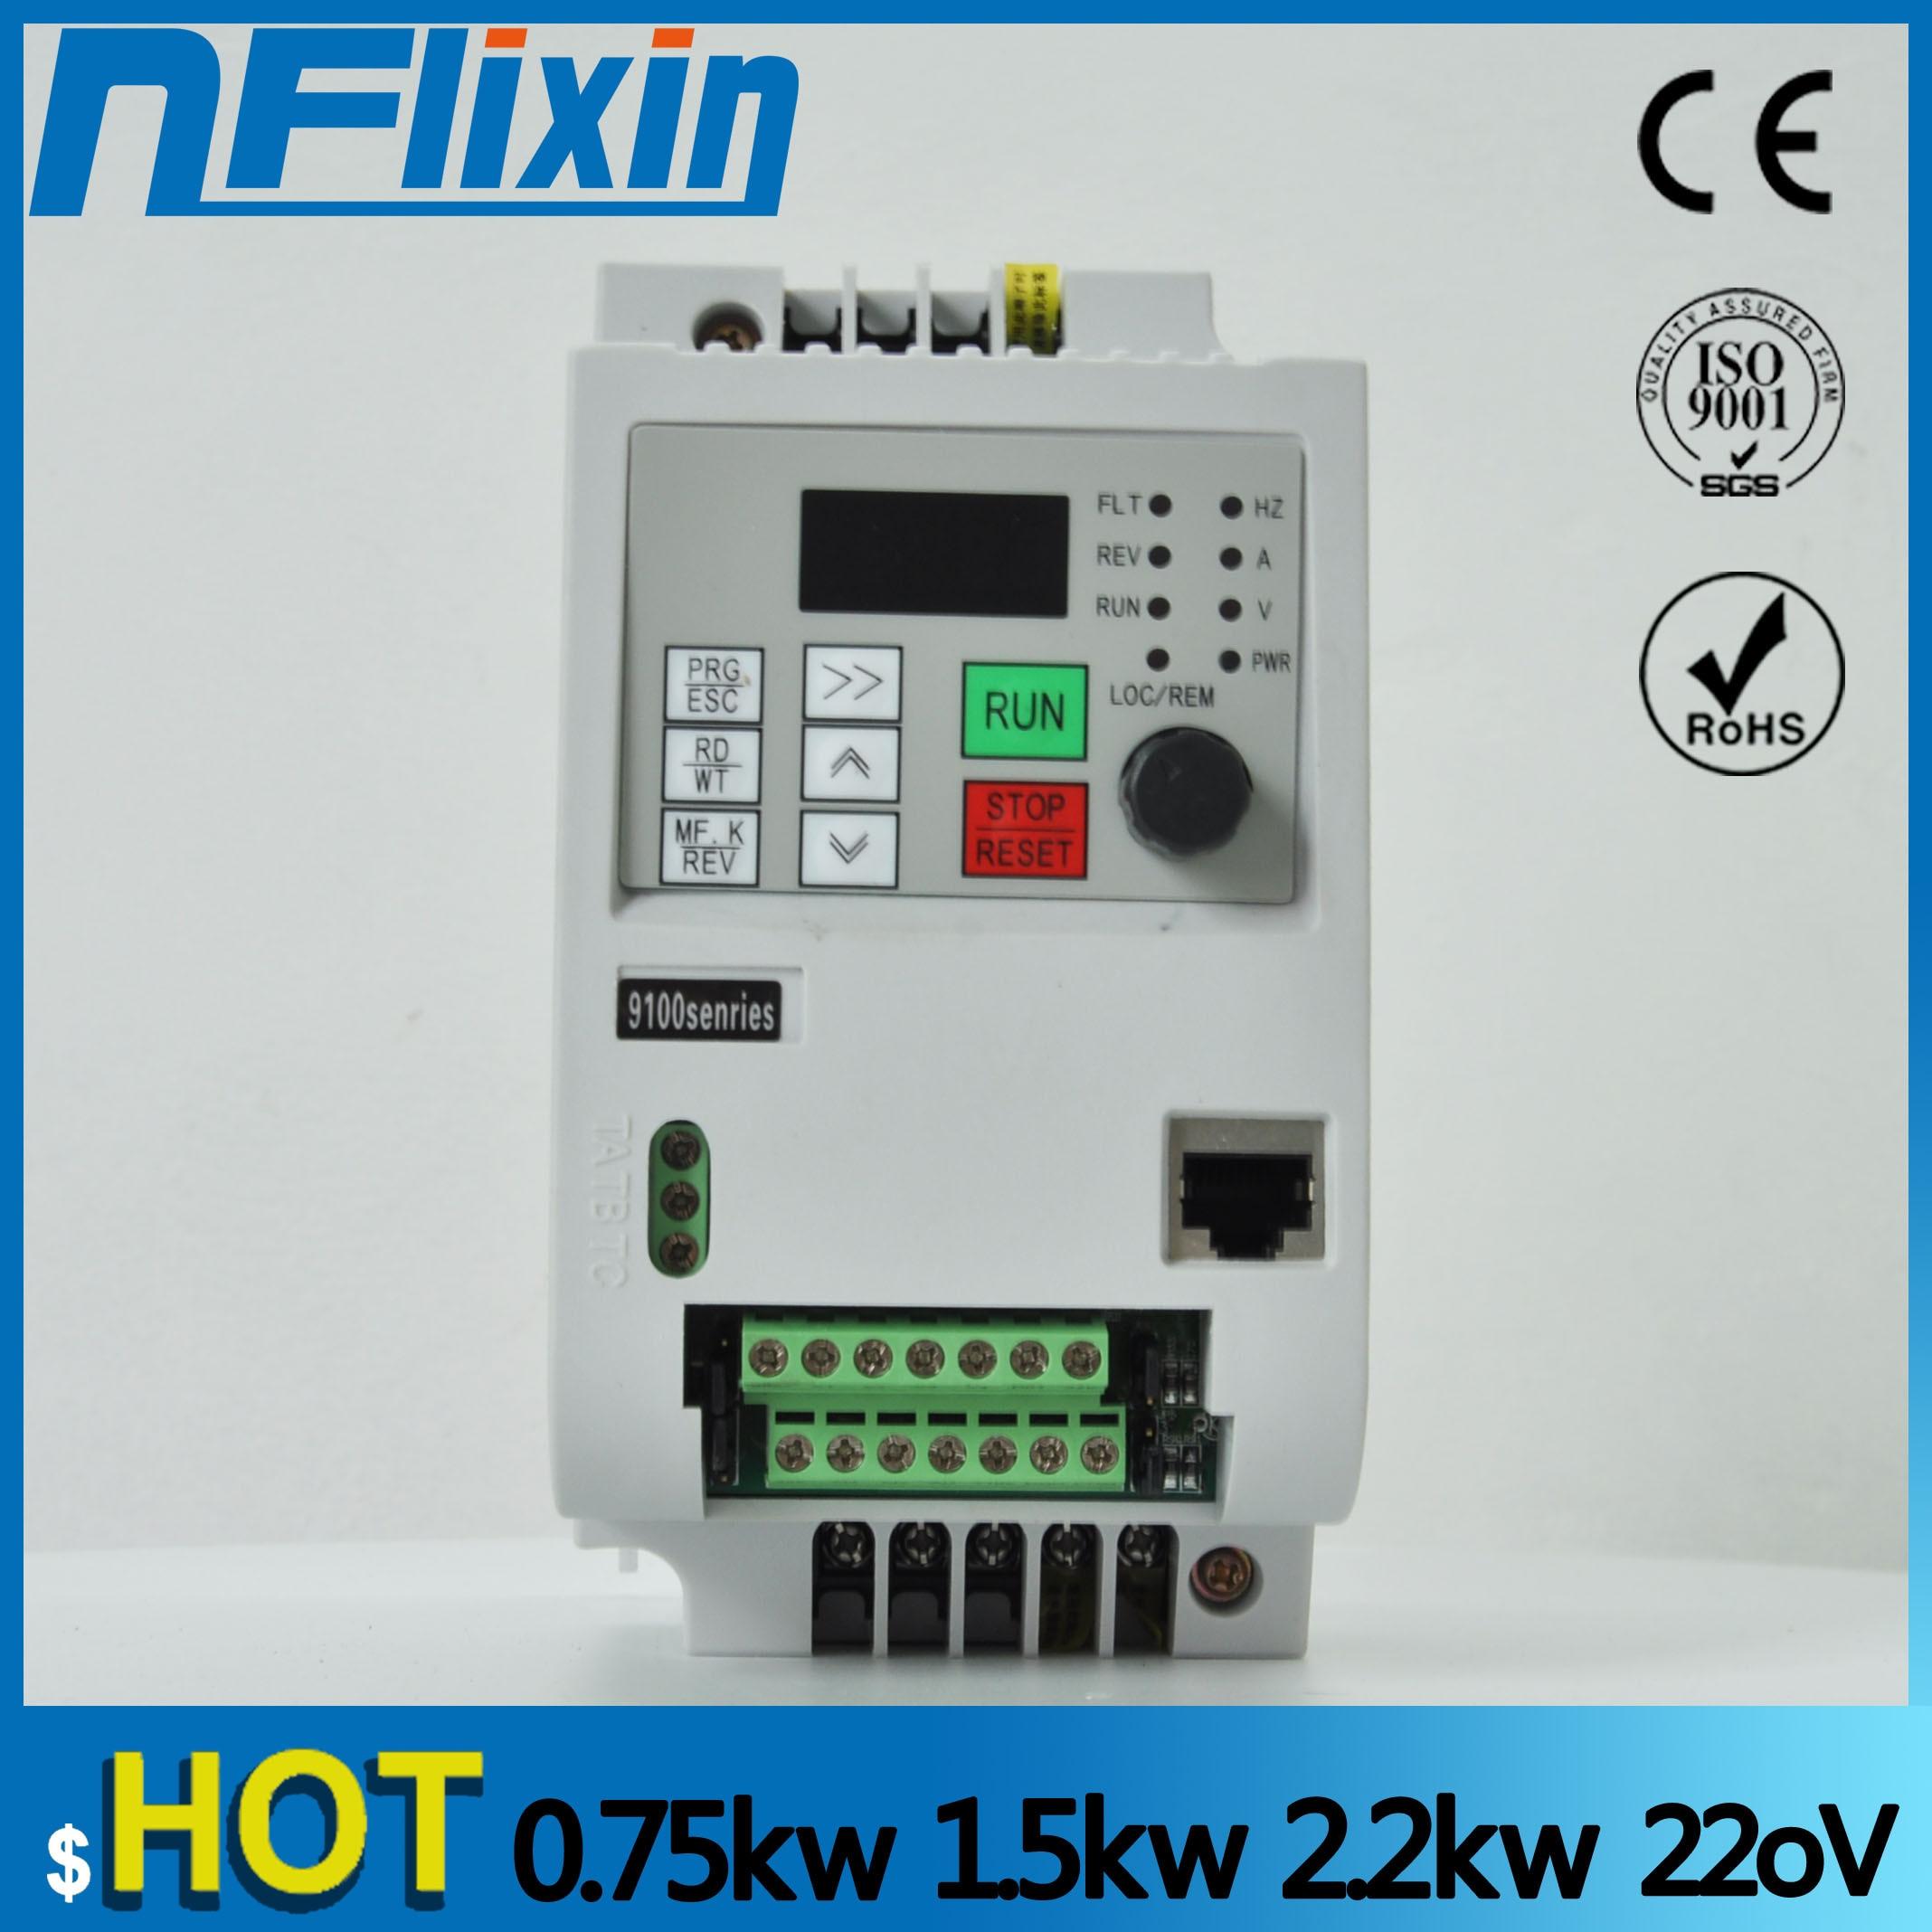 Мини-преобразователь частоты 0.4kw 0.75kw 1.5kw 2.2kw 4kw 190V/220V однофазный 380V 3-фазовый Вход частотный инвертор VFD 190V/частотно-регулируемым приводом